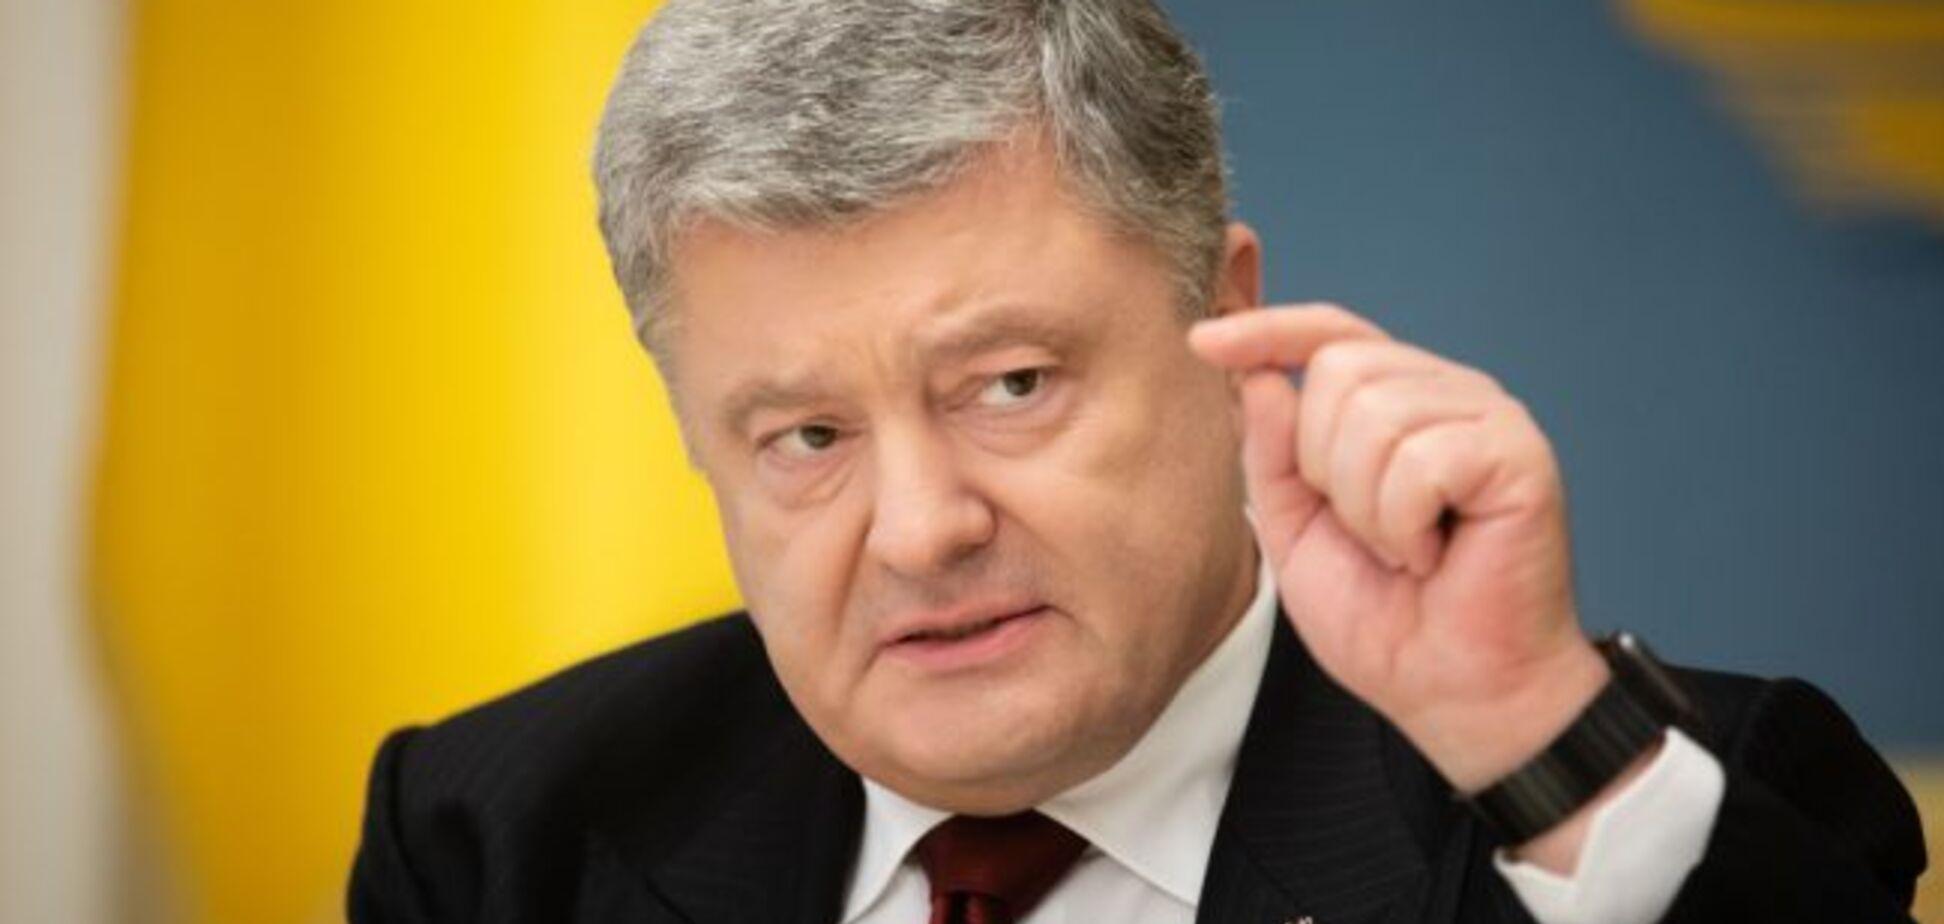 Порошенко пообіцяв зайнятися поверненням Криму і Донбасу після другого туру